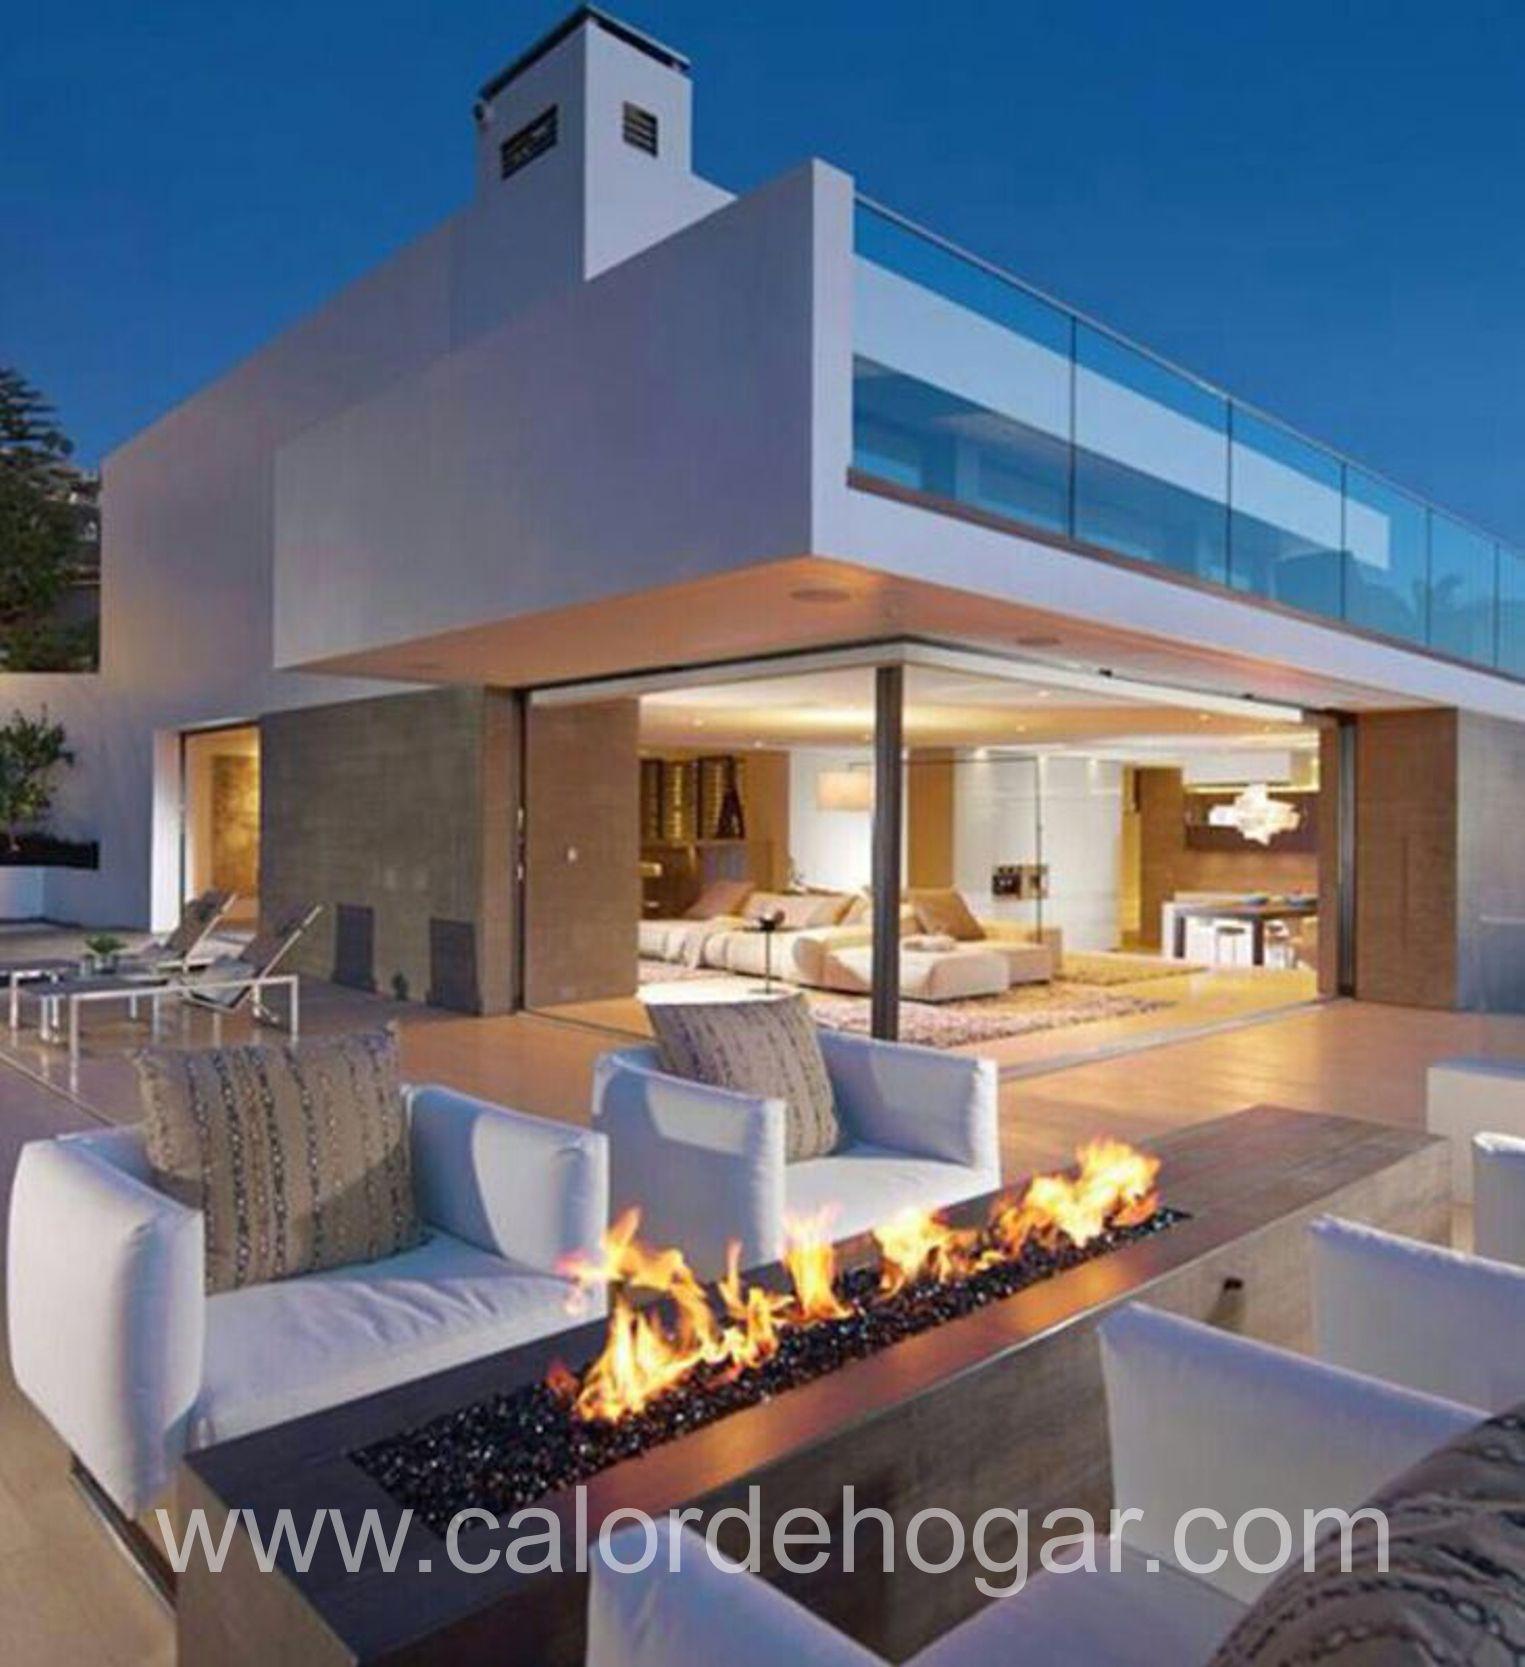 Chimenea de gas para exterior loft basic chimeneas for Loft modernos exterior